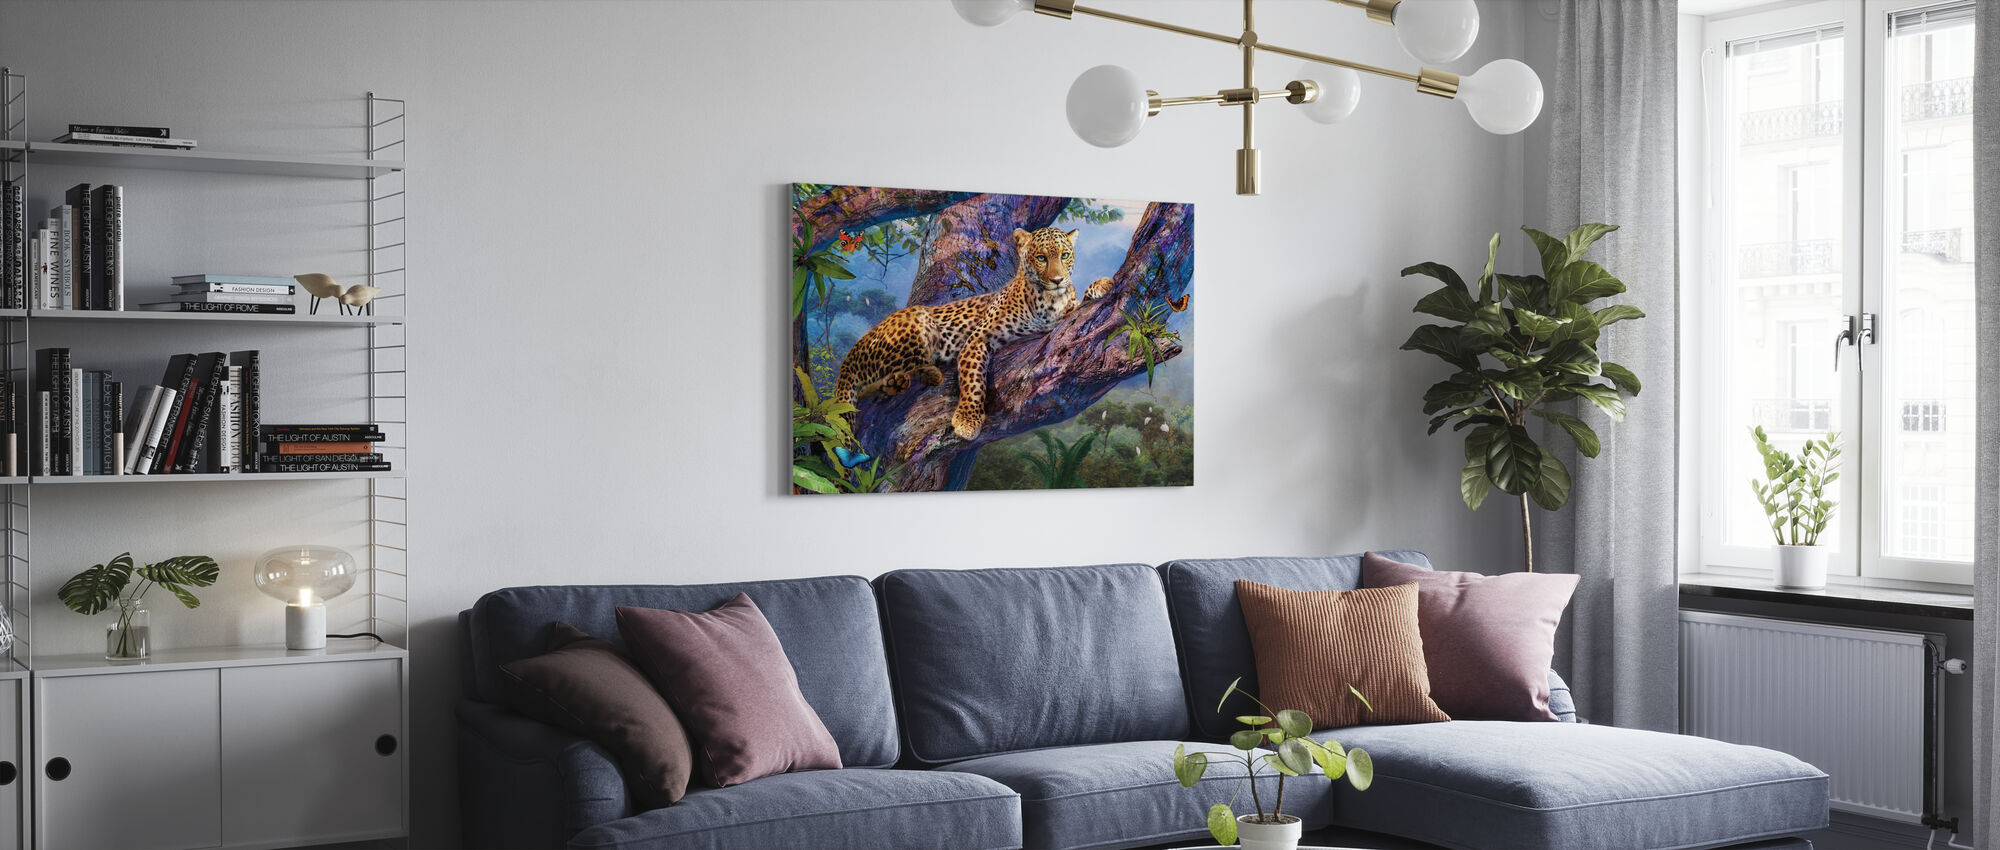 Leopard Avkopplande i träd - Canvastavla - Vardagsrum